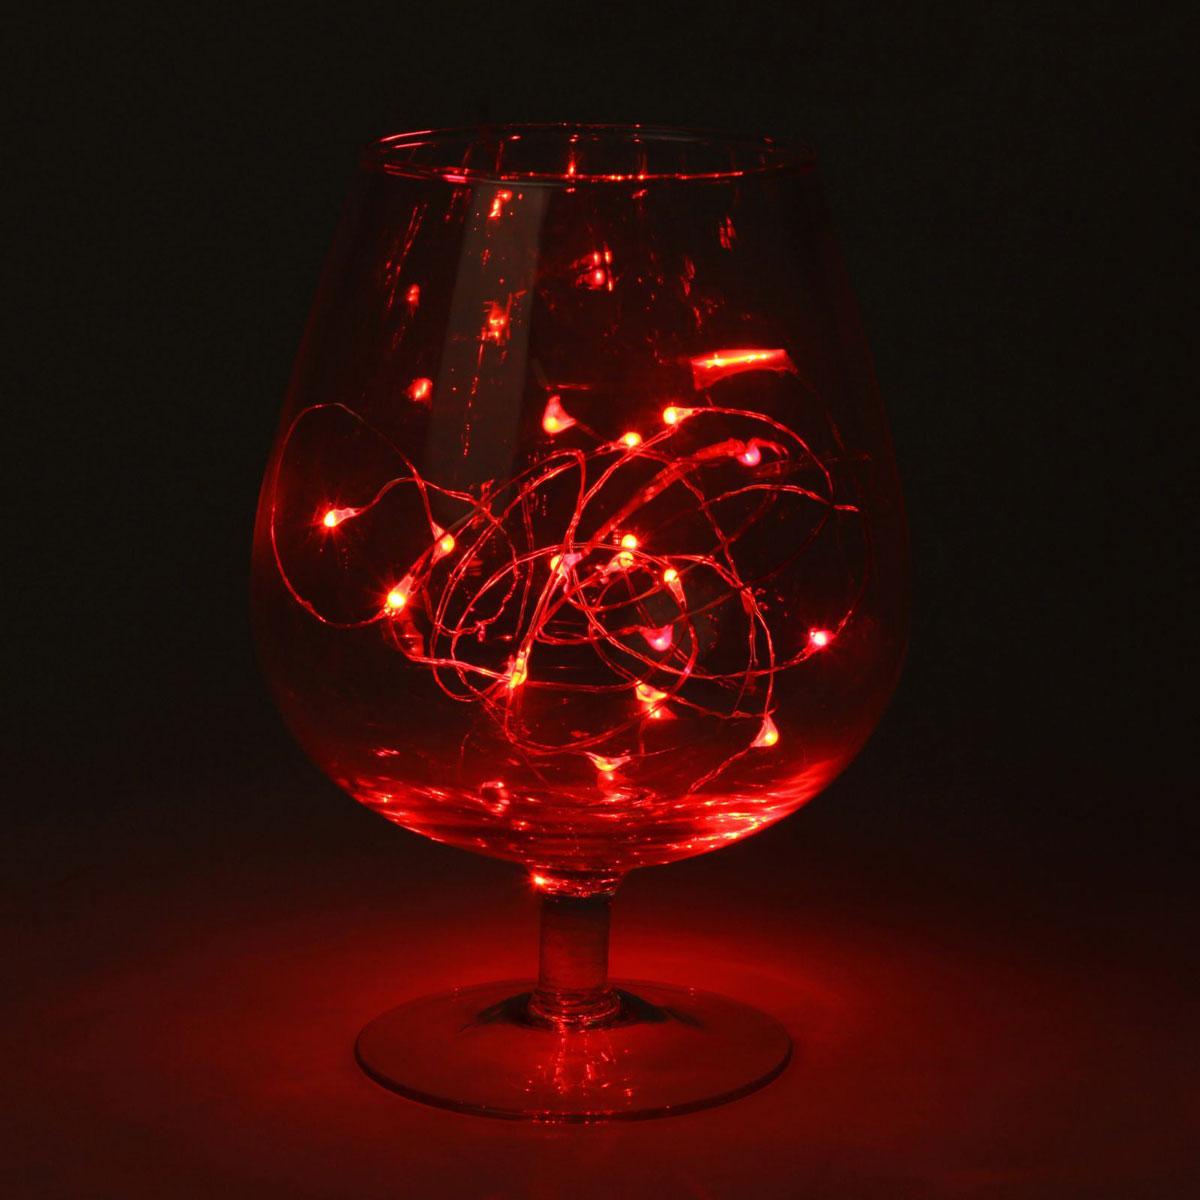 Гирлянда светодиодная Luazon Метраж. Капля росы, цвет: красный, 20 ламп, 2 режима, 3,6 V, длина 2 м. 1080583 гирлянда luazon конский хвост капля росы 2 5m led 750 12v multicolor 1080622